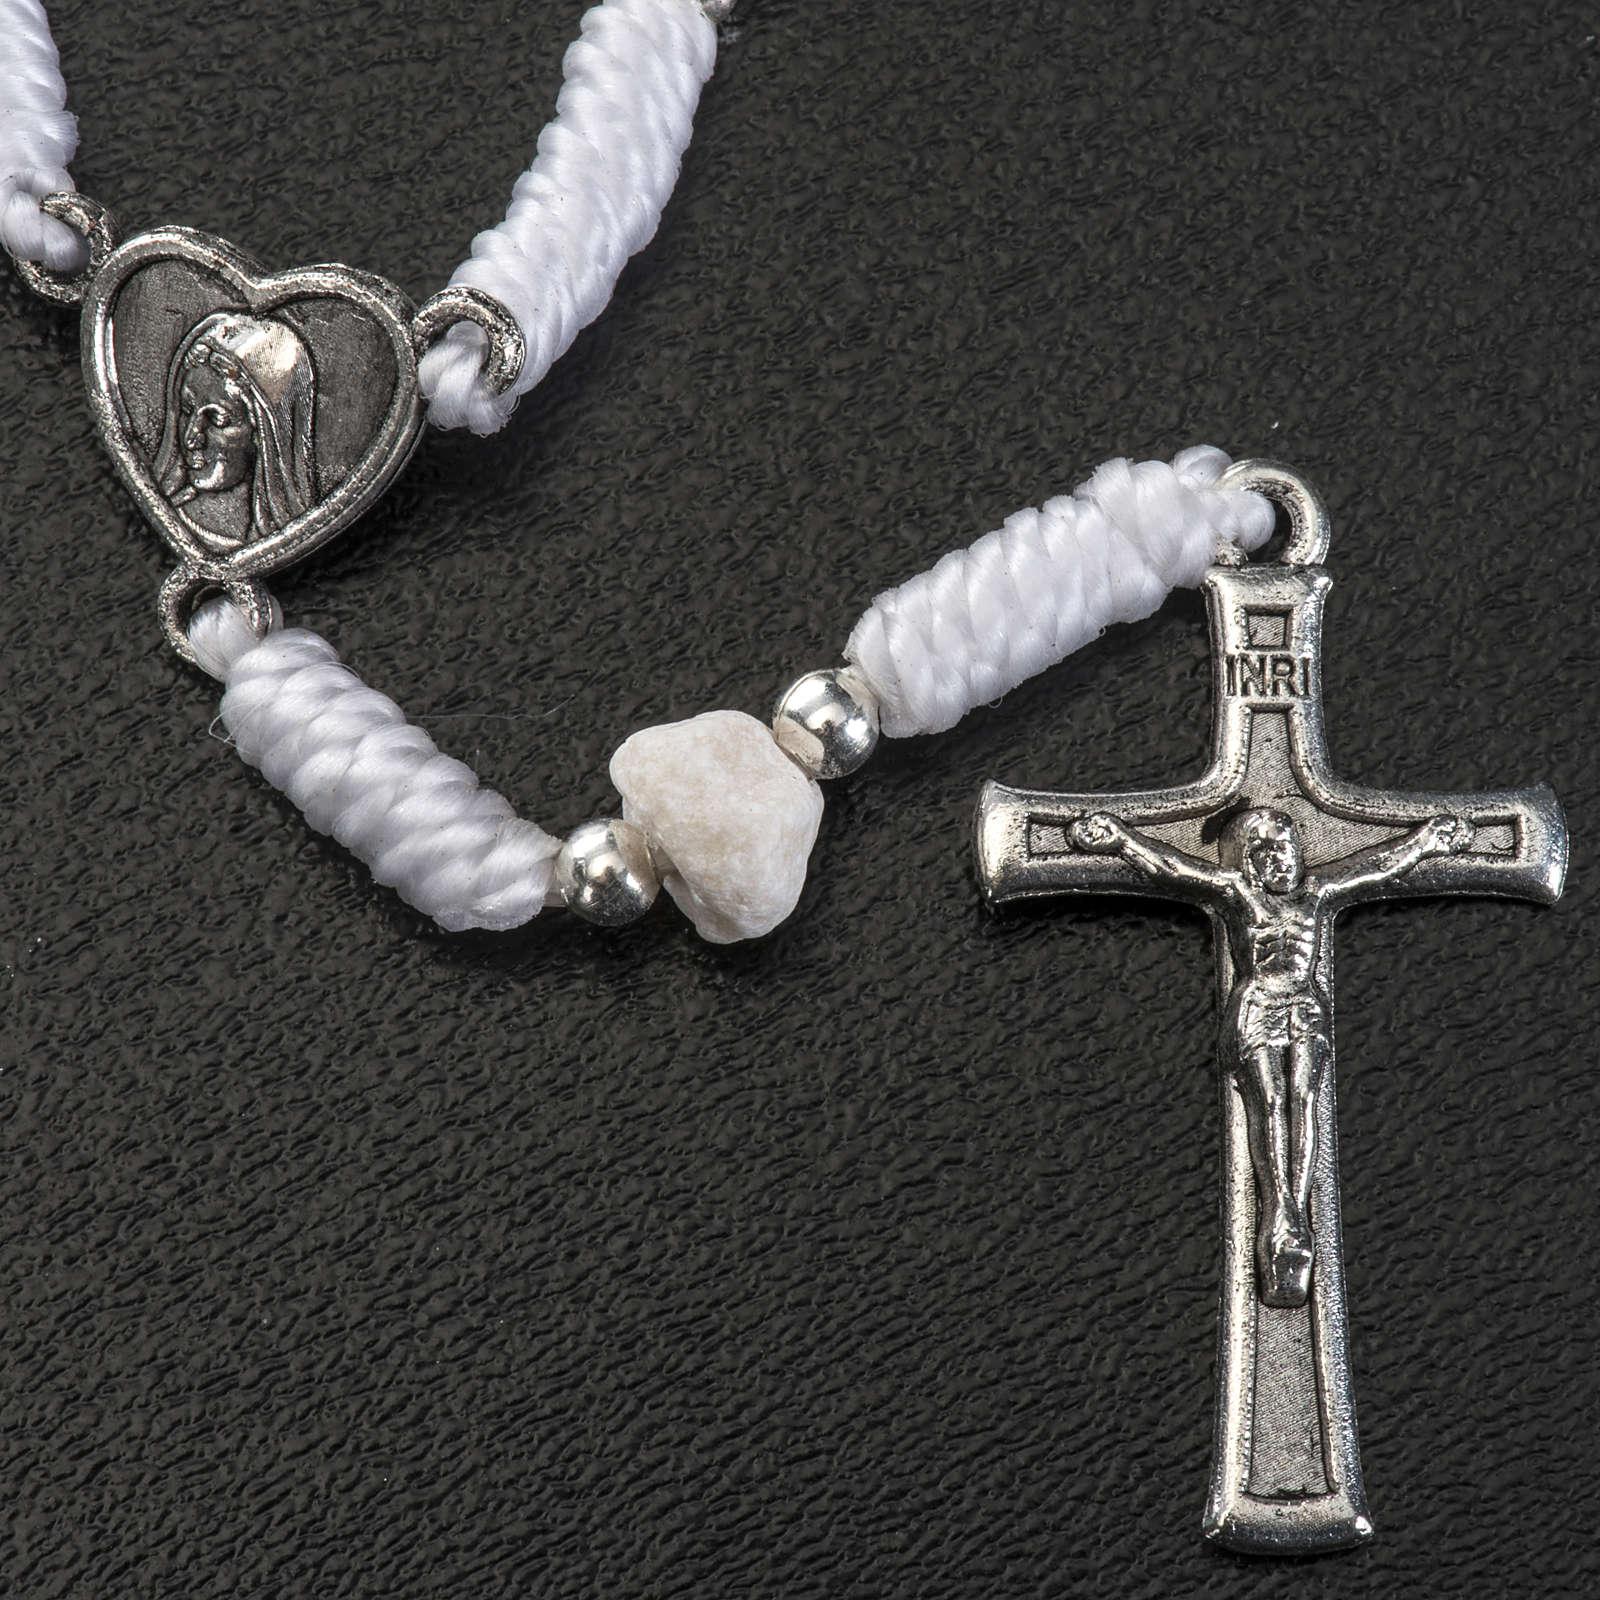 Decina Medjugorje pietra corda bianca crociera cuore 4